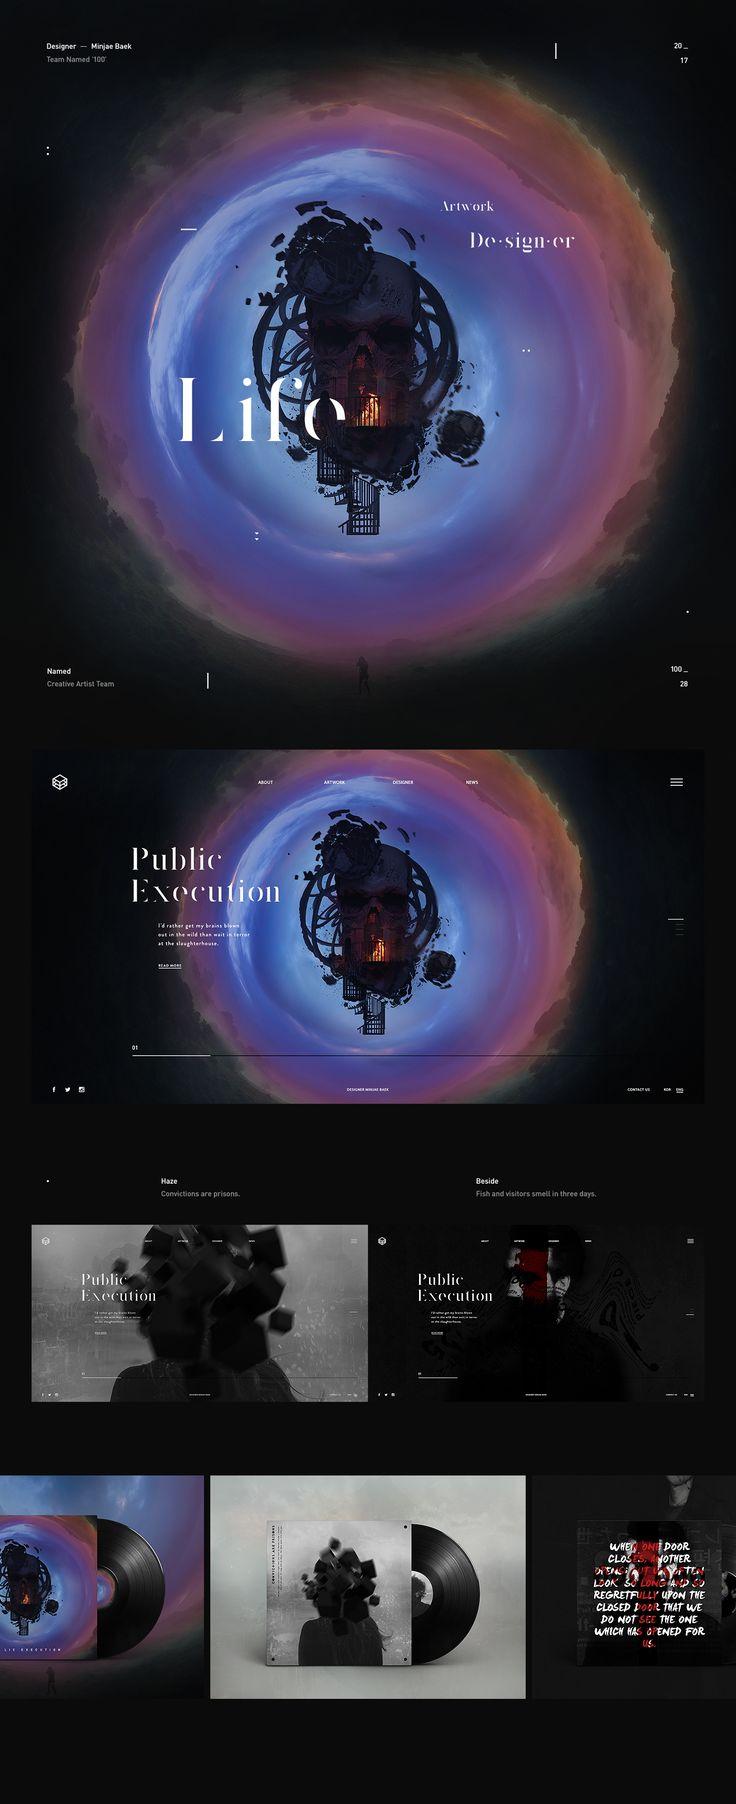 Web Design & UI/UX: Team